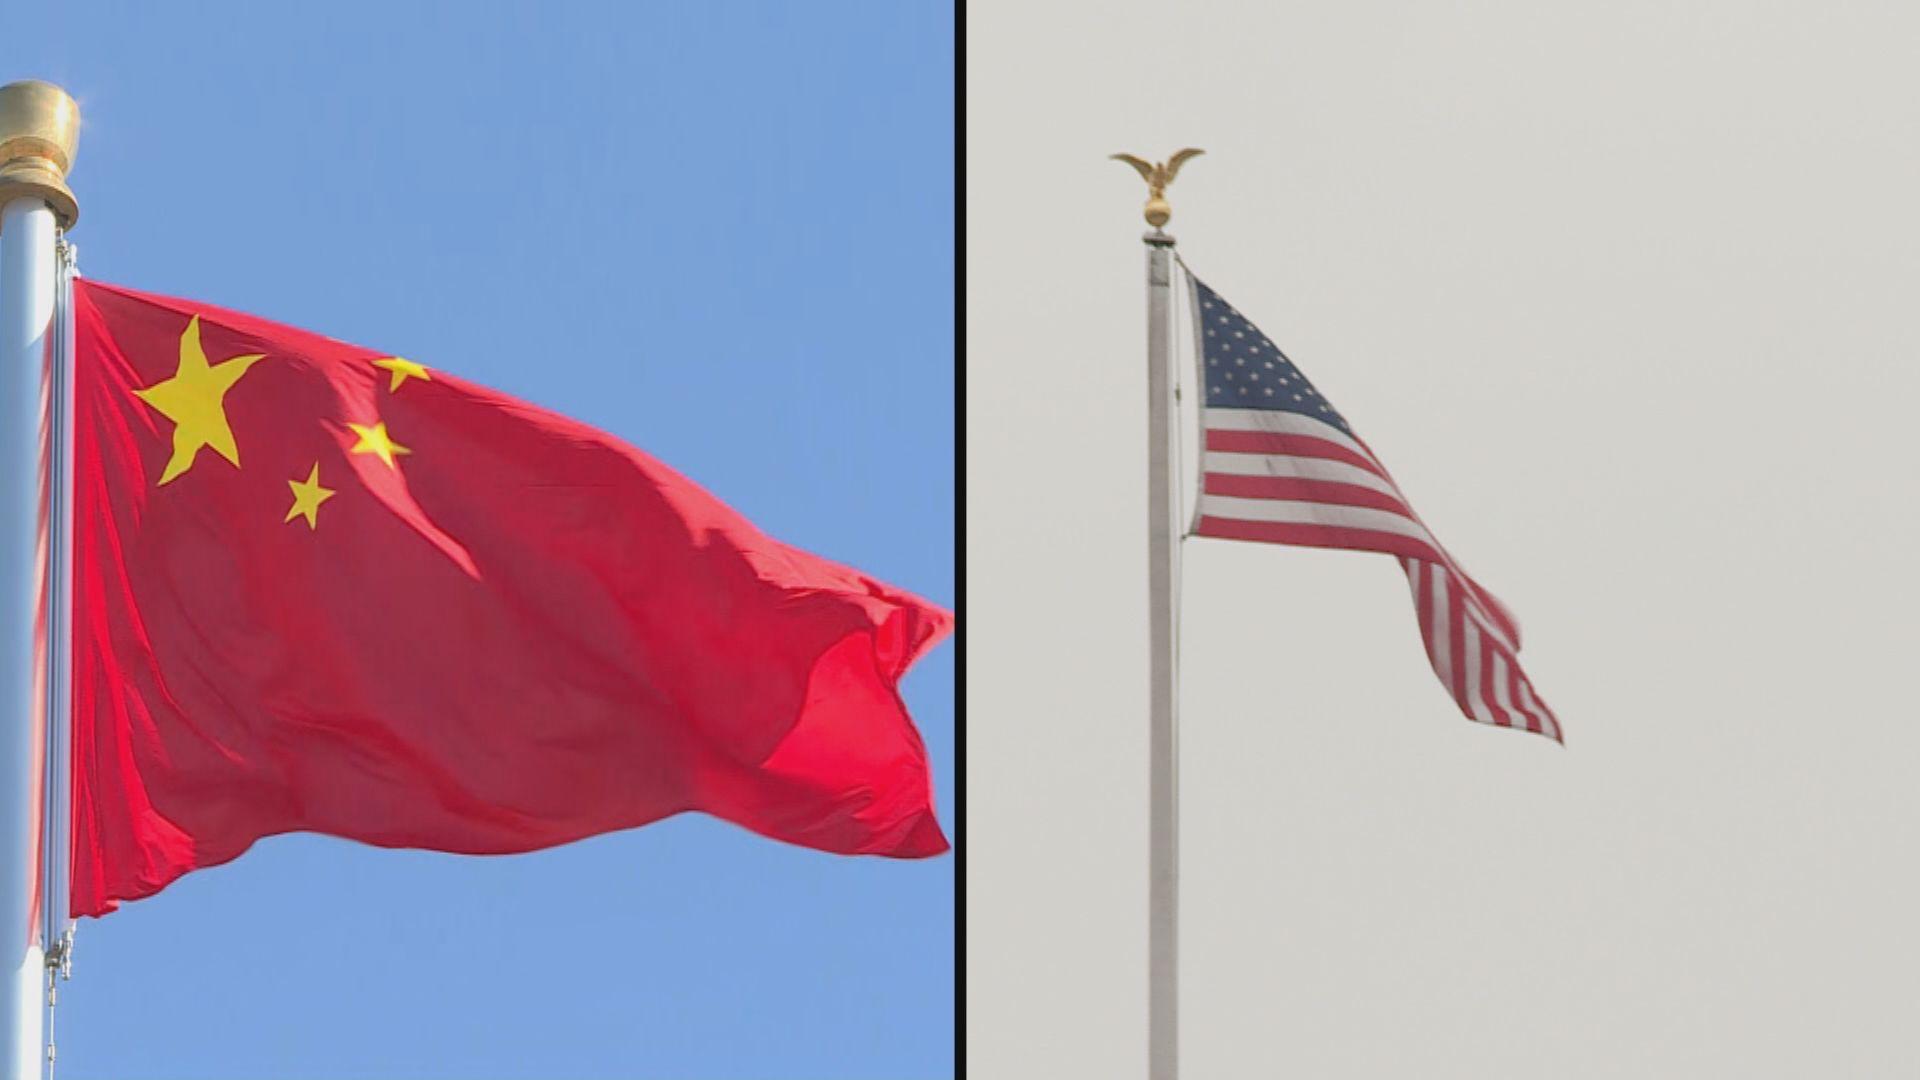 王毅:中美應坦誠溝通 防止誤判避免衝突對抗